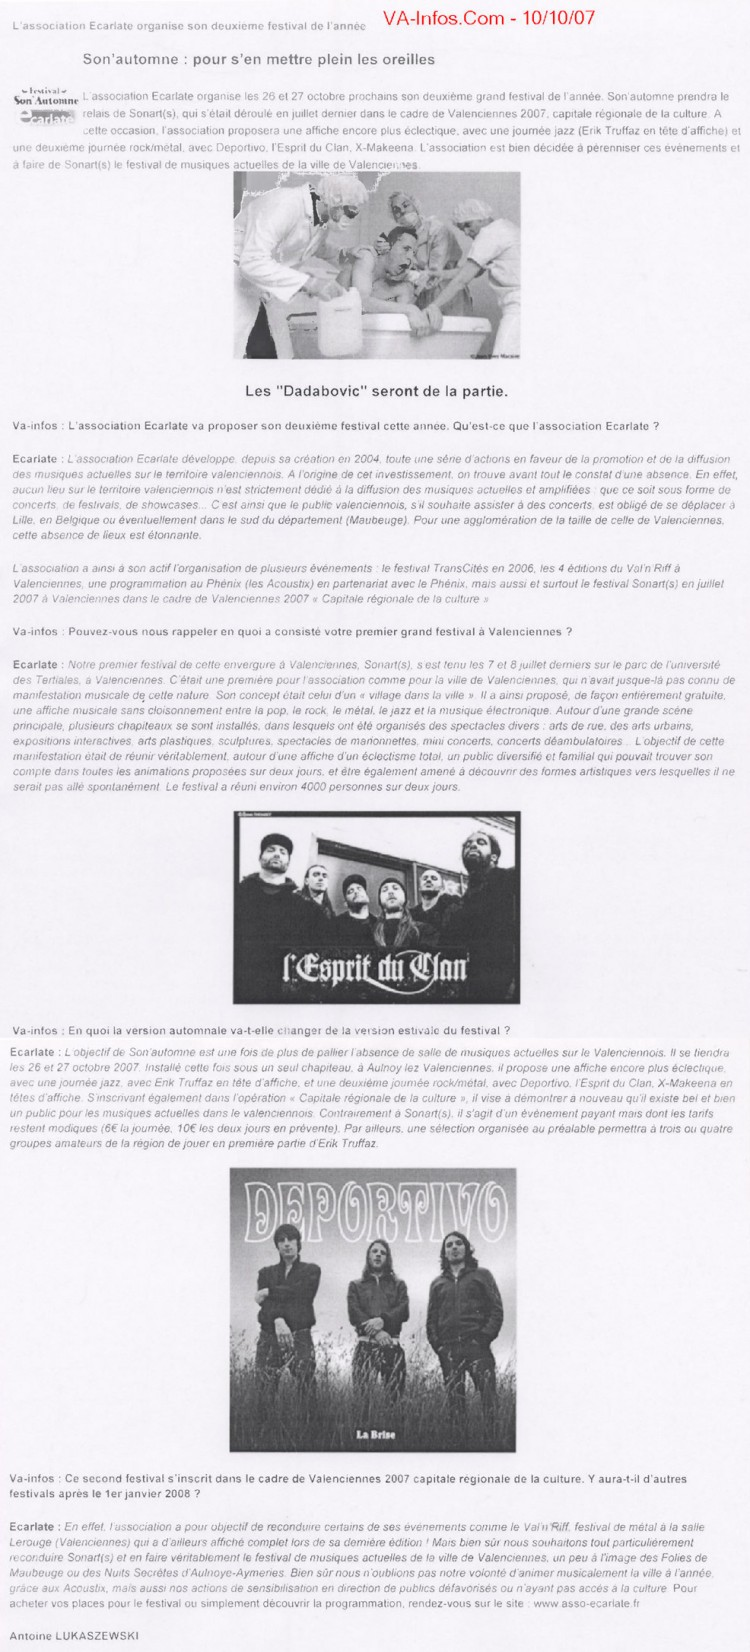 vainfos.com, 10/10/07